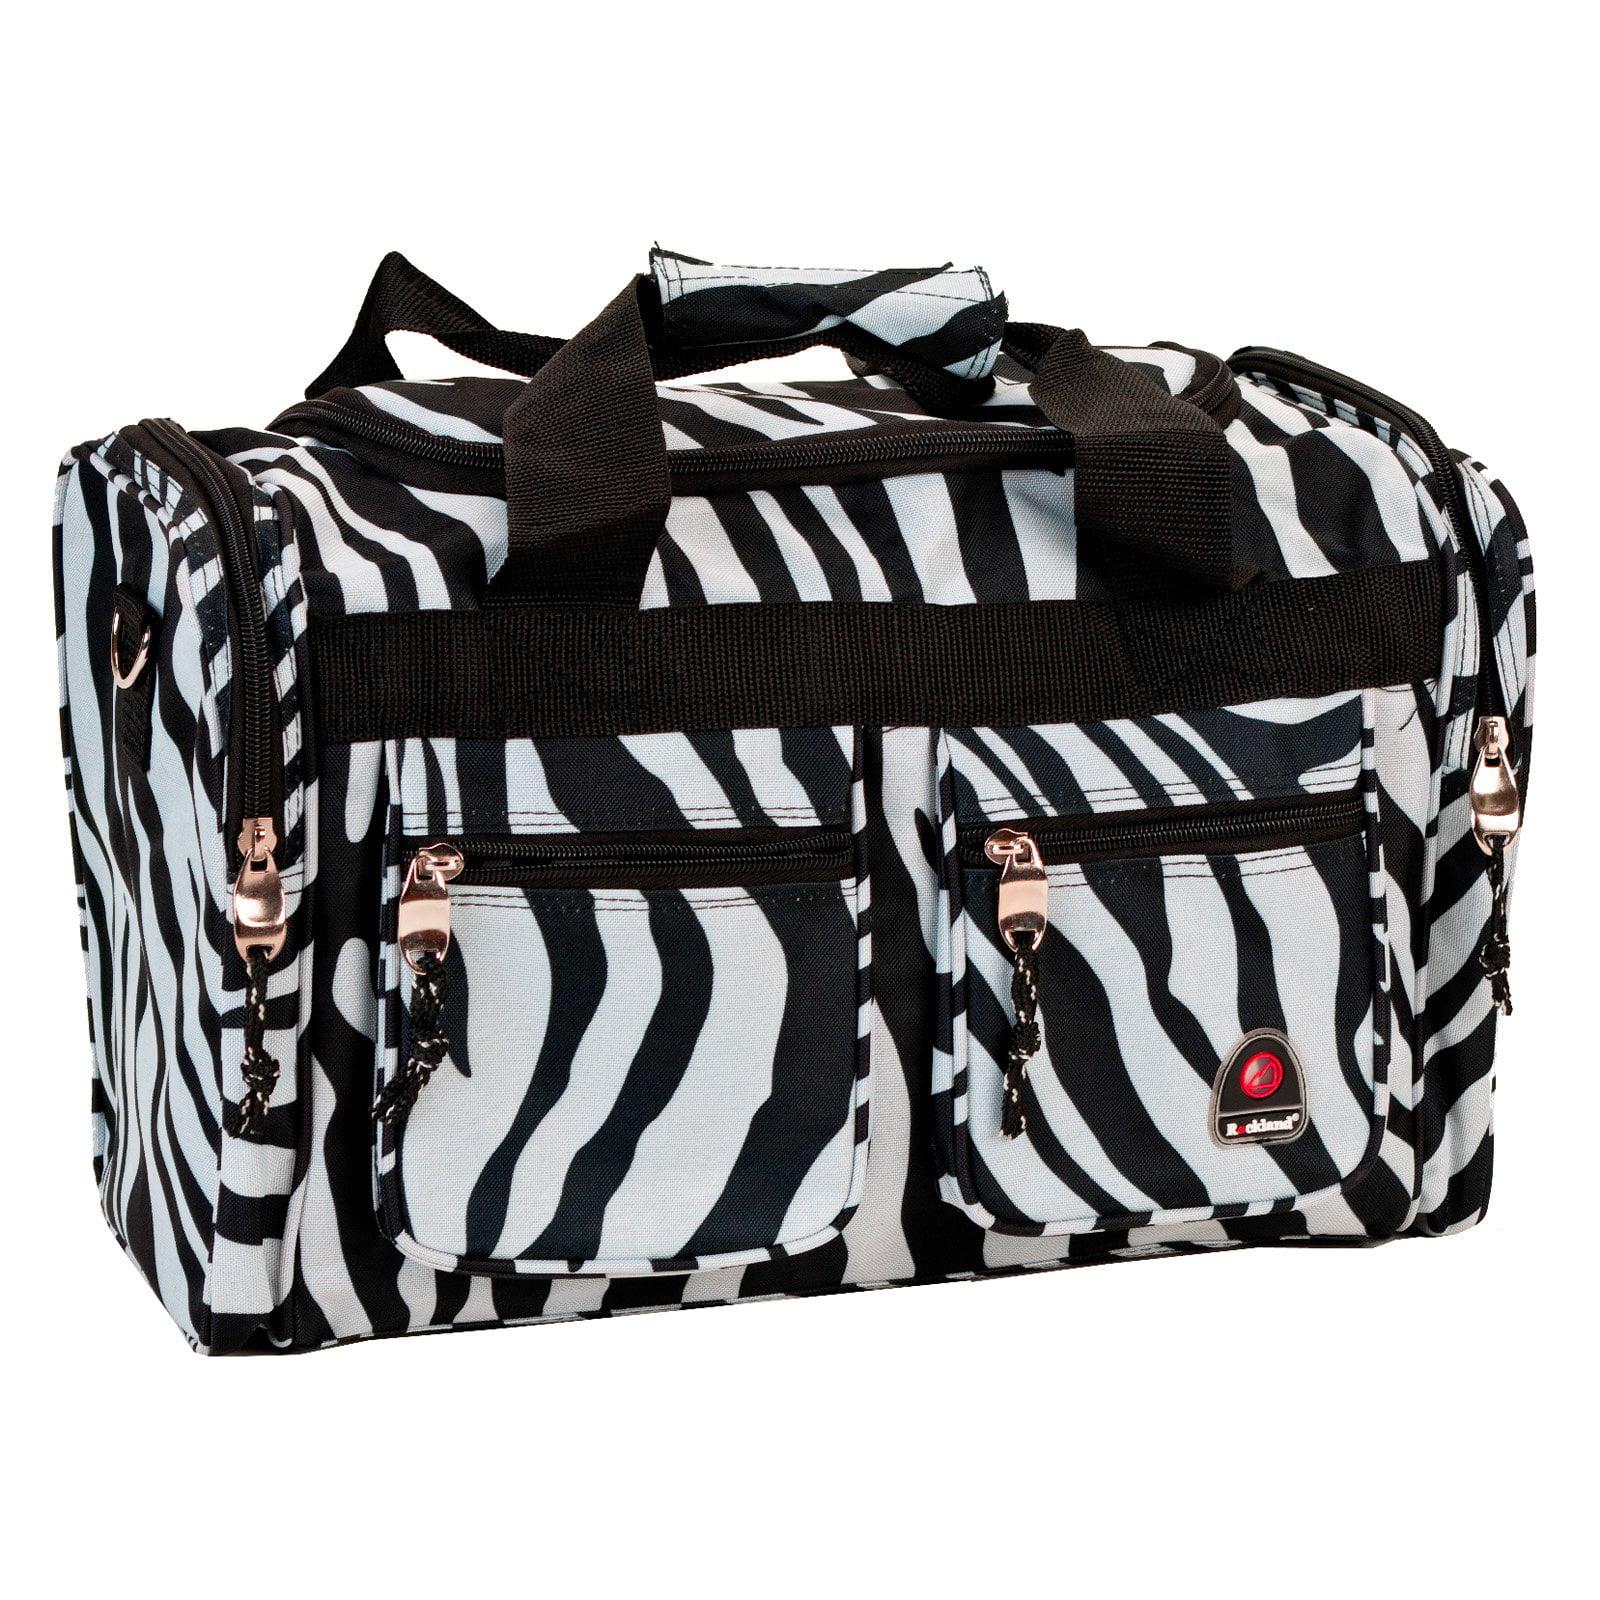 Rockland Luggage Zebra 19 in. Duffel Bag by Fox Luggage Inc